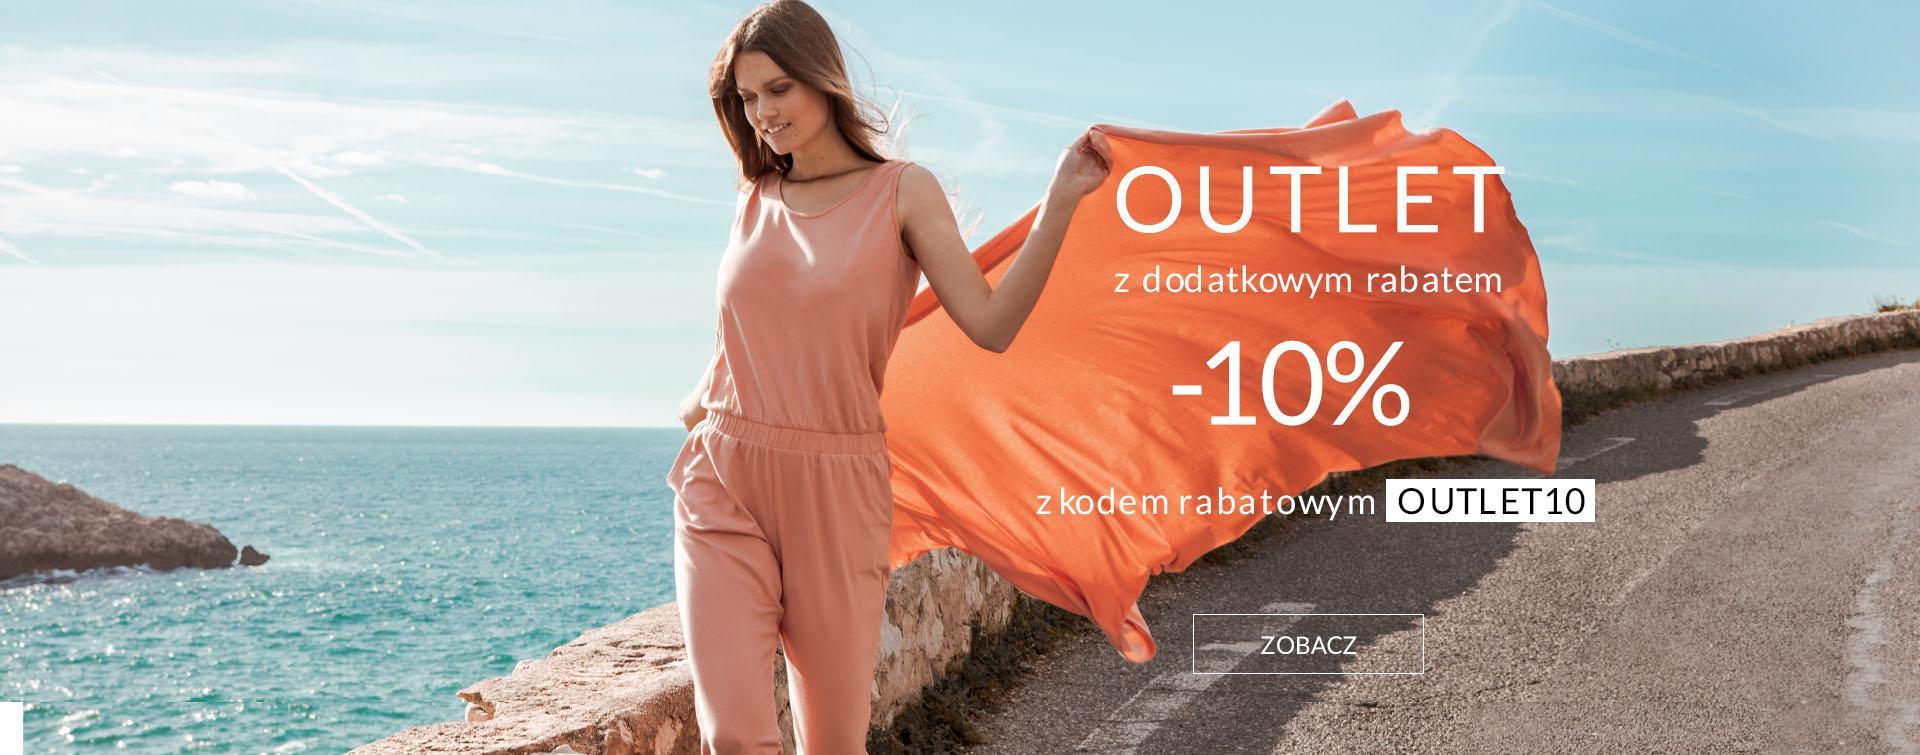 By Insomnia: dodatkowe 10% rabatu na odzież damską z kategorii Outlet